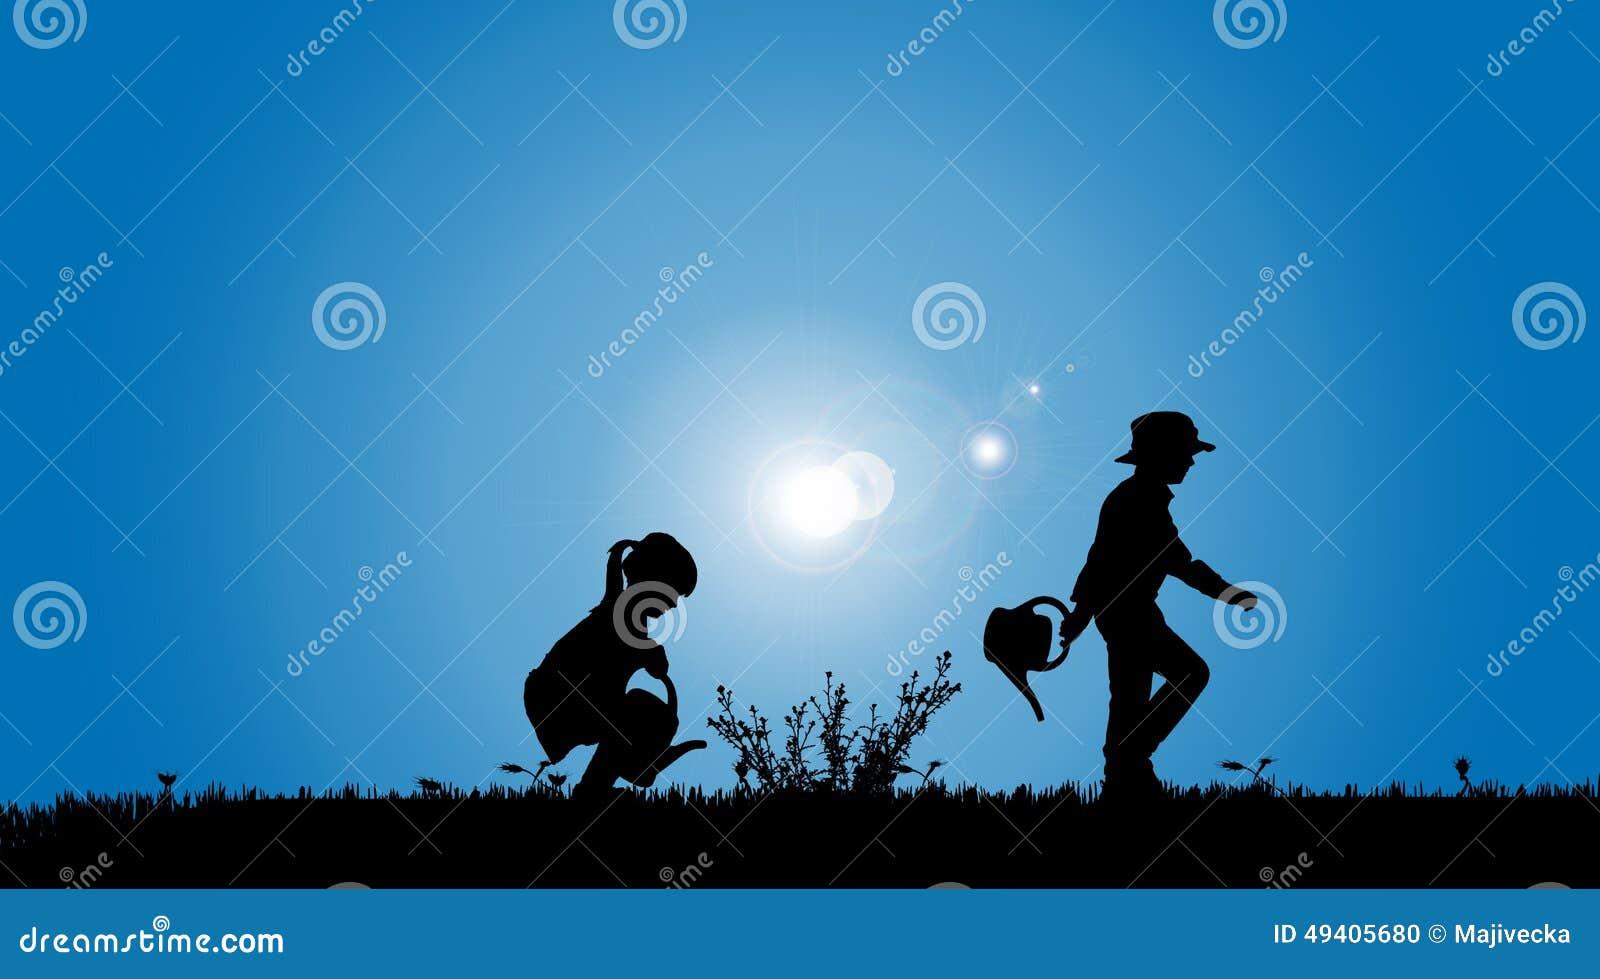 Download Vektorschattenbilder Von Kindern Vektor Abbildung - Illustration von glücklich, umwelt: 49405680